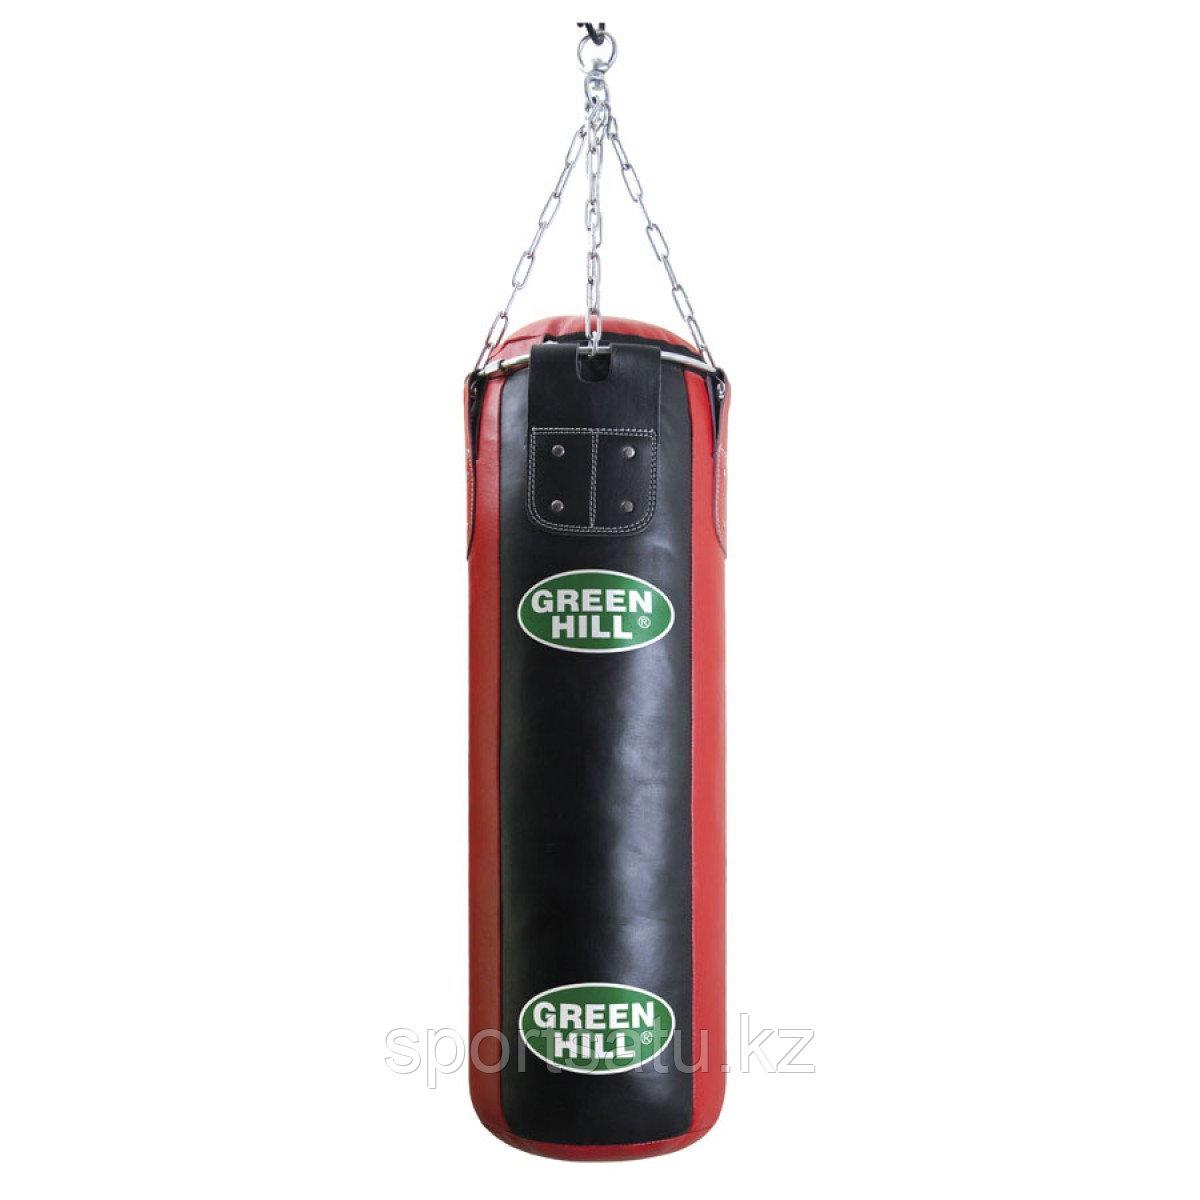 Груша боксерская GREEN HILL оригинал кожа 180 см